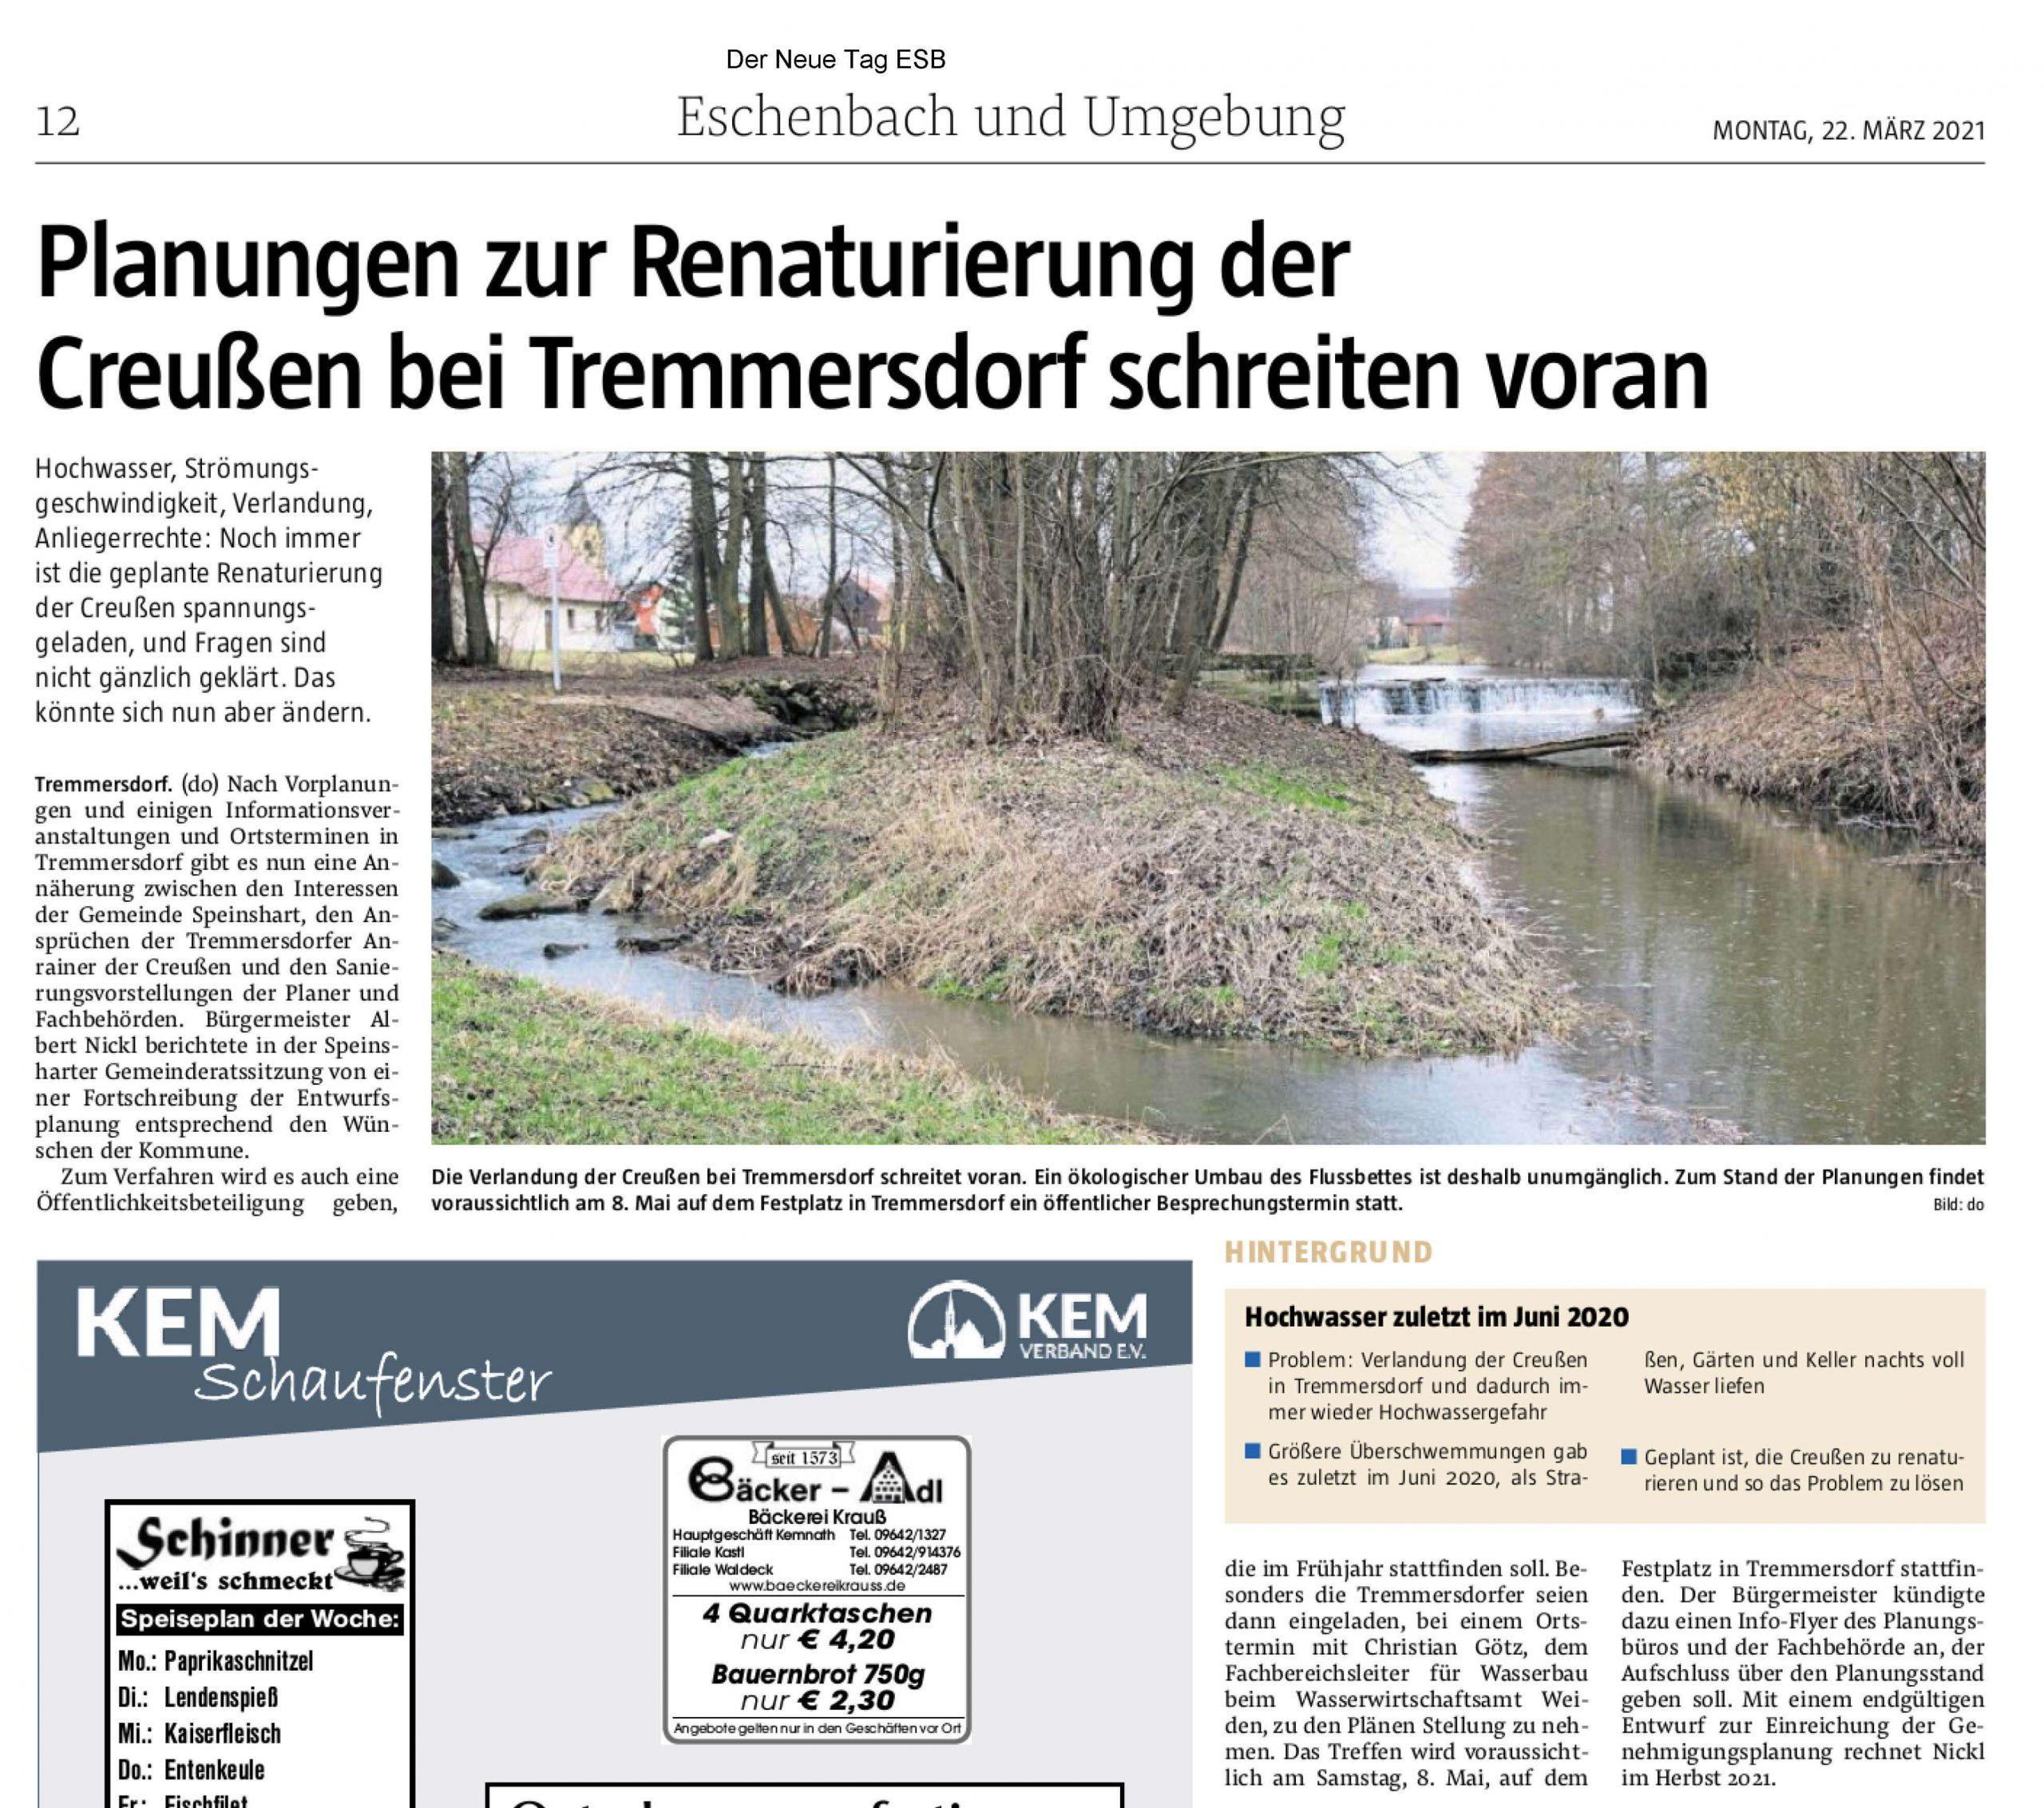 Foto des Presseartikels Tremmersdorf Renaturierung der Creußen